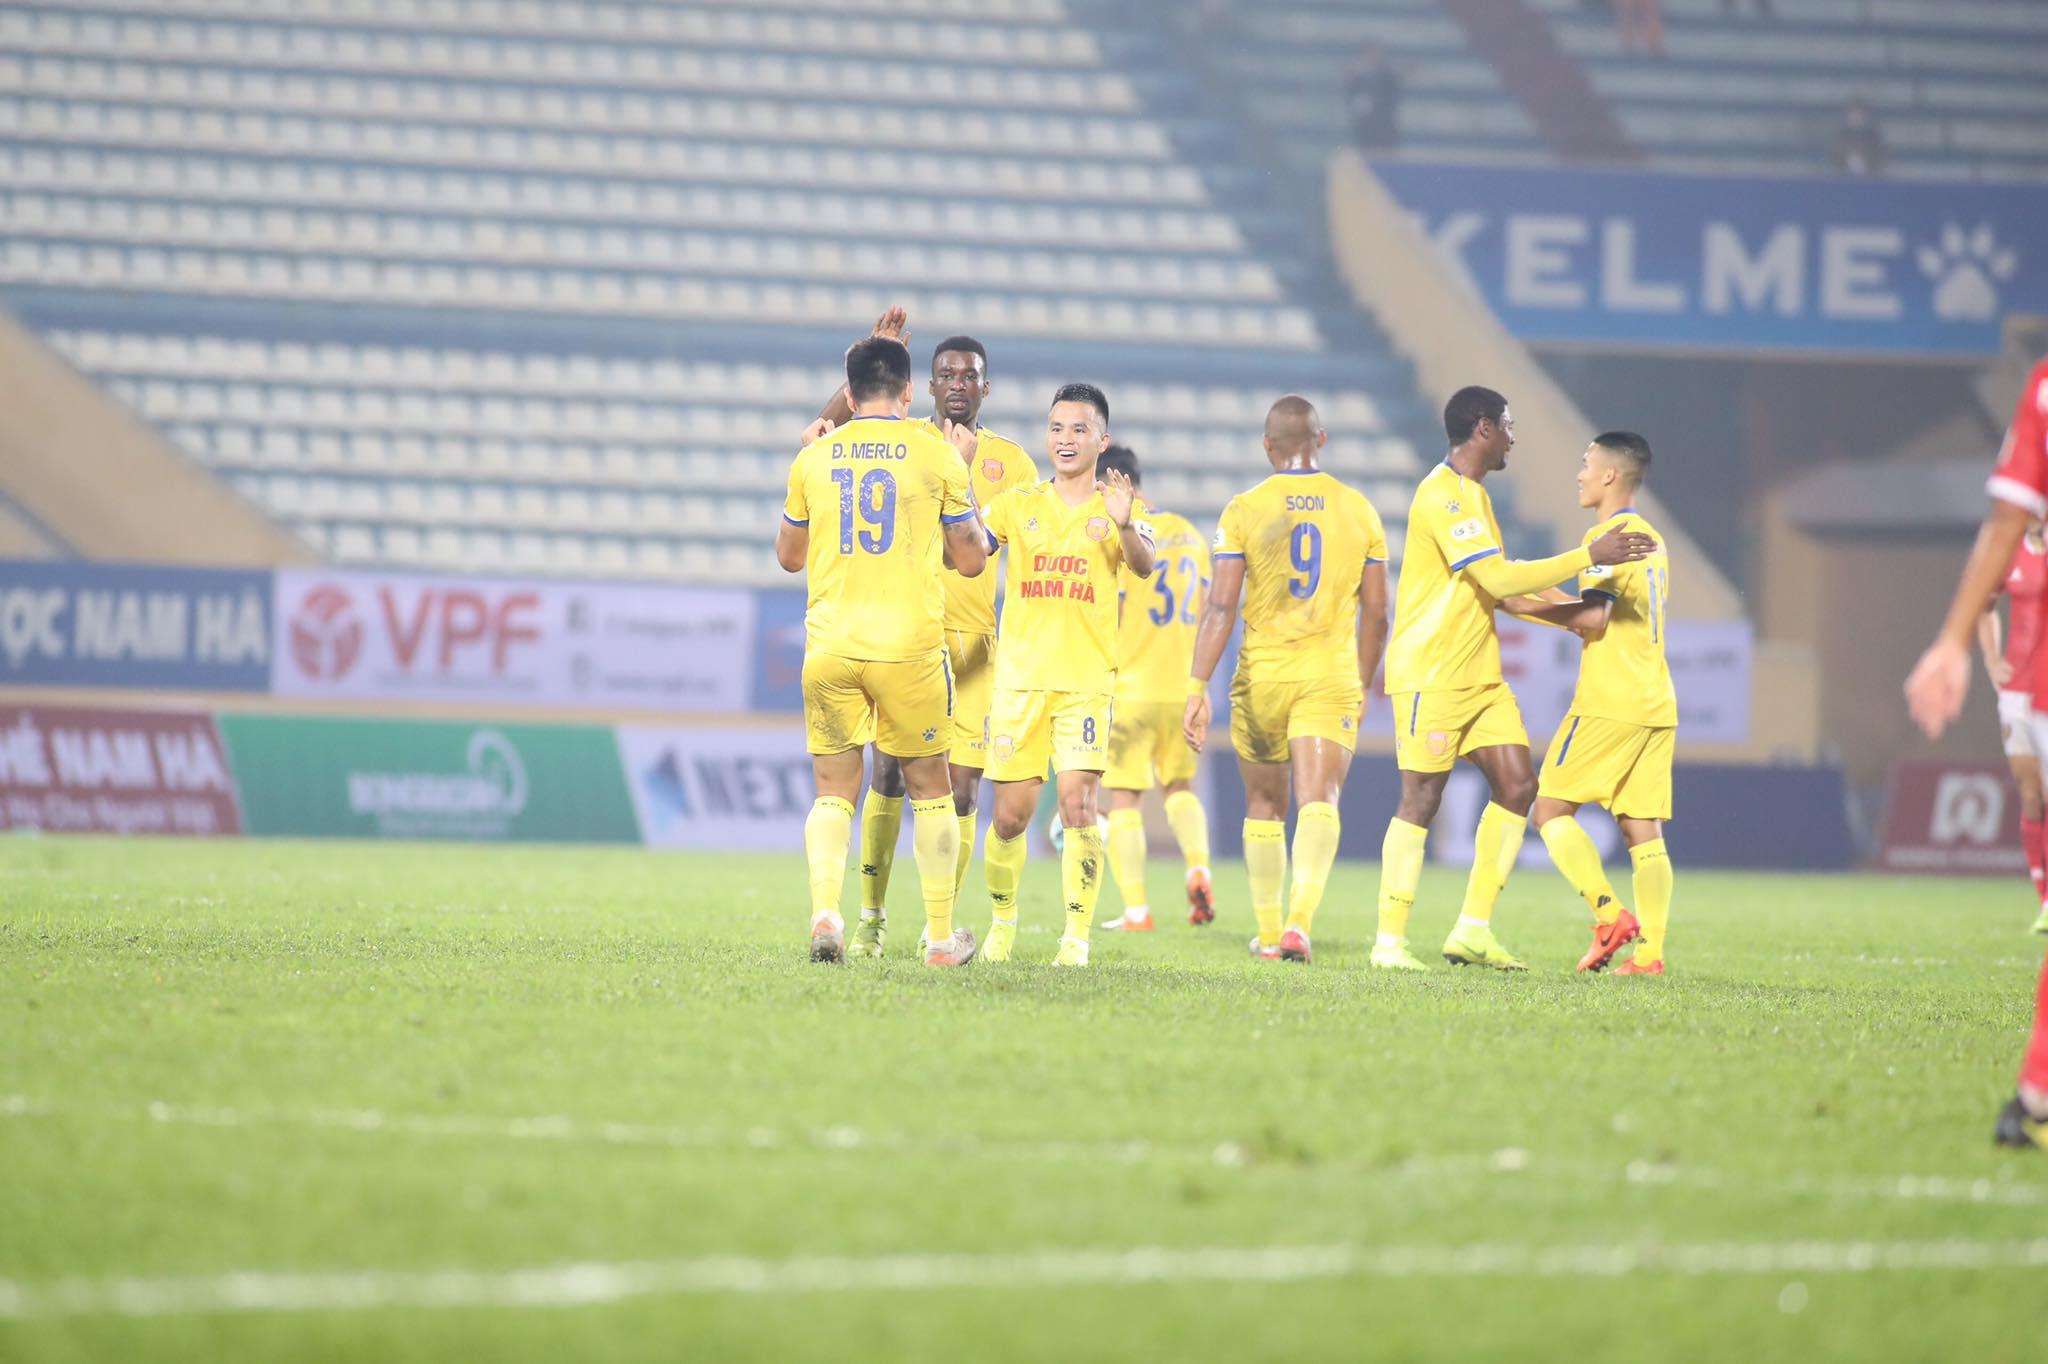 Sỹ Minh chơi cực hay, ghi bàn thắng nâng tỷ số lên 2-0 cho DNH.NĐ - Ảnh: Phan Tùng